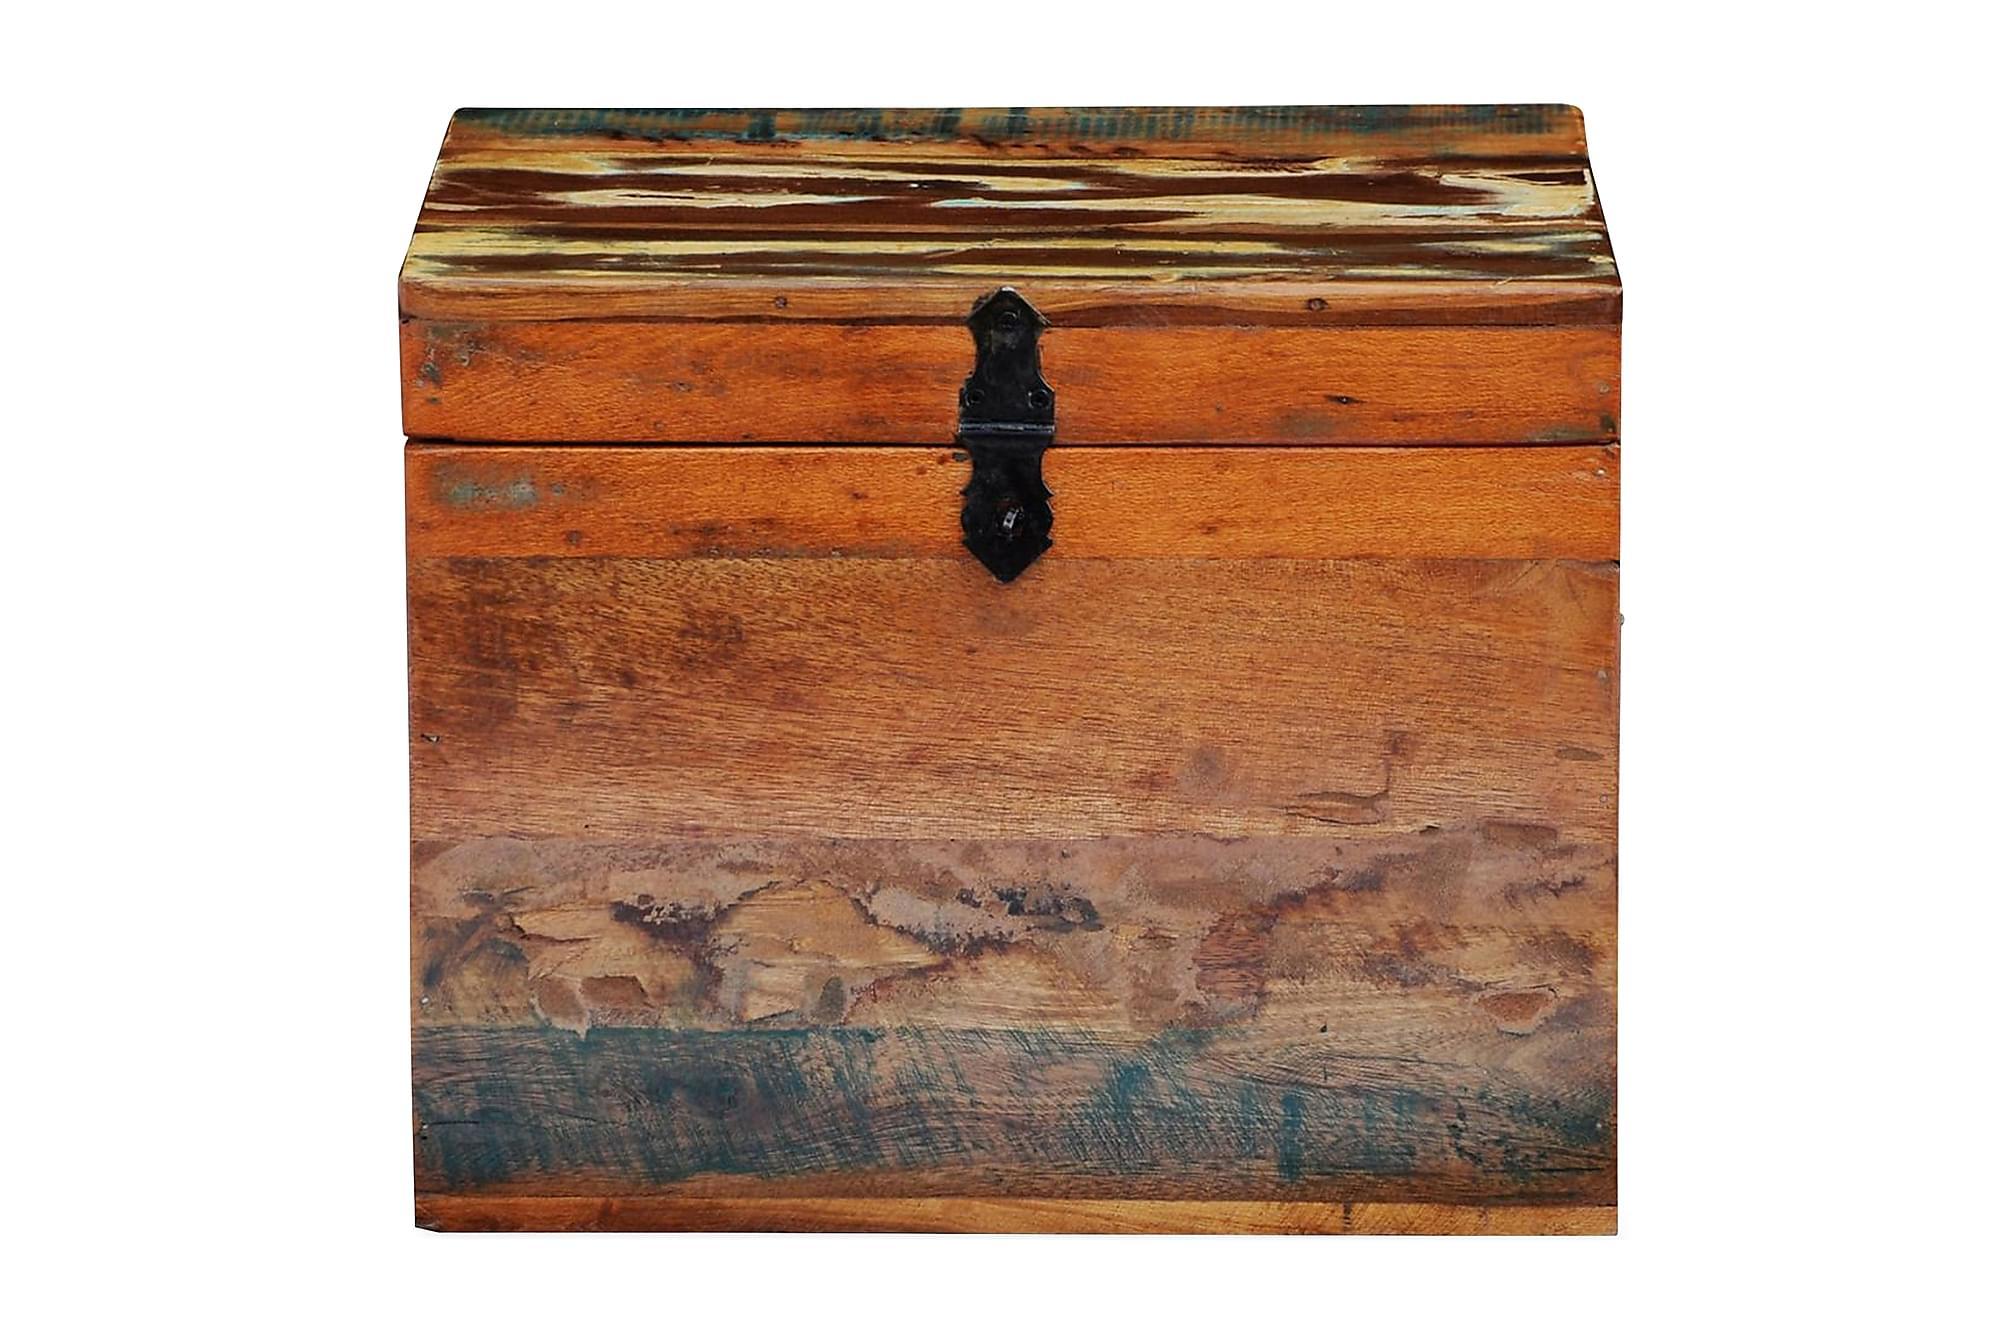 Förvaringslåda återvunnet trä, Förvaringskistor & sängkistor